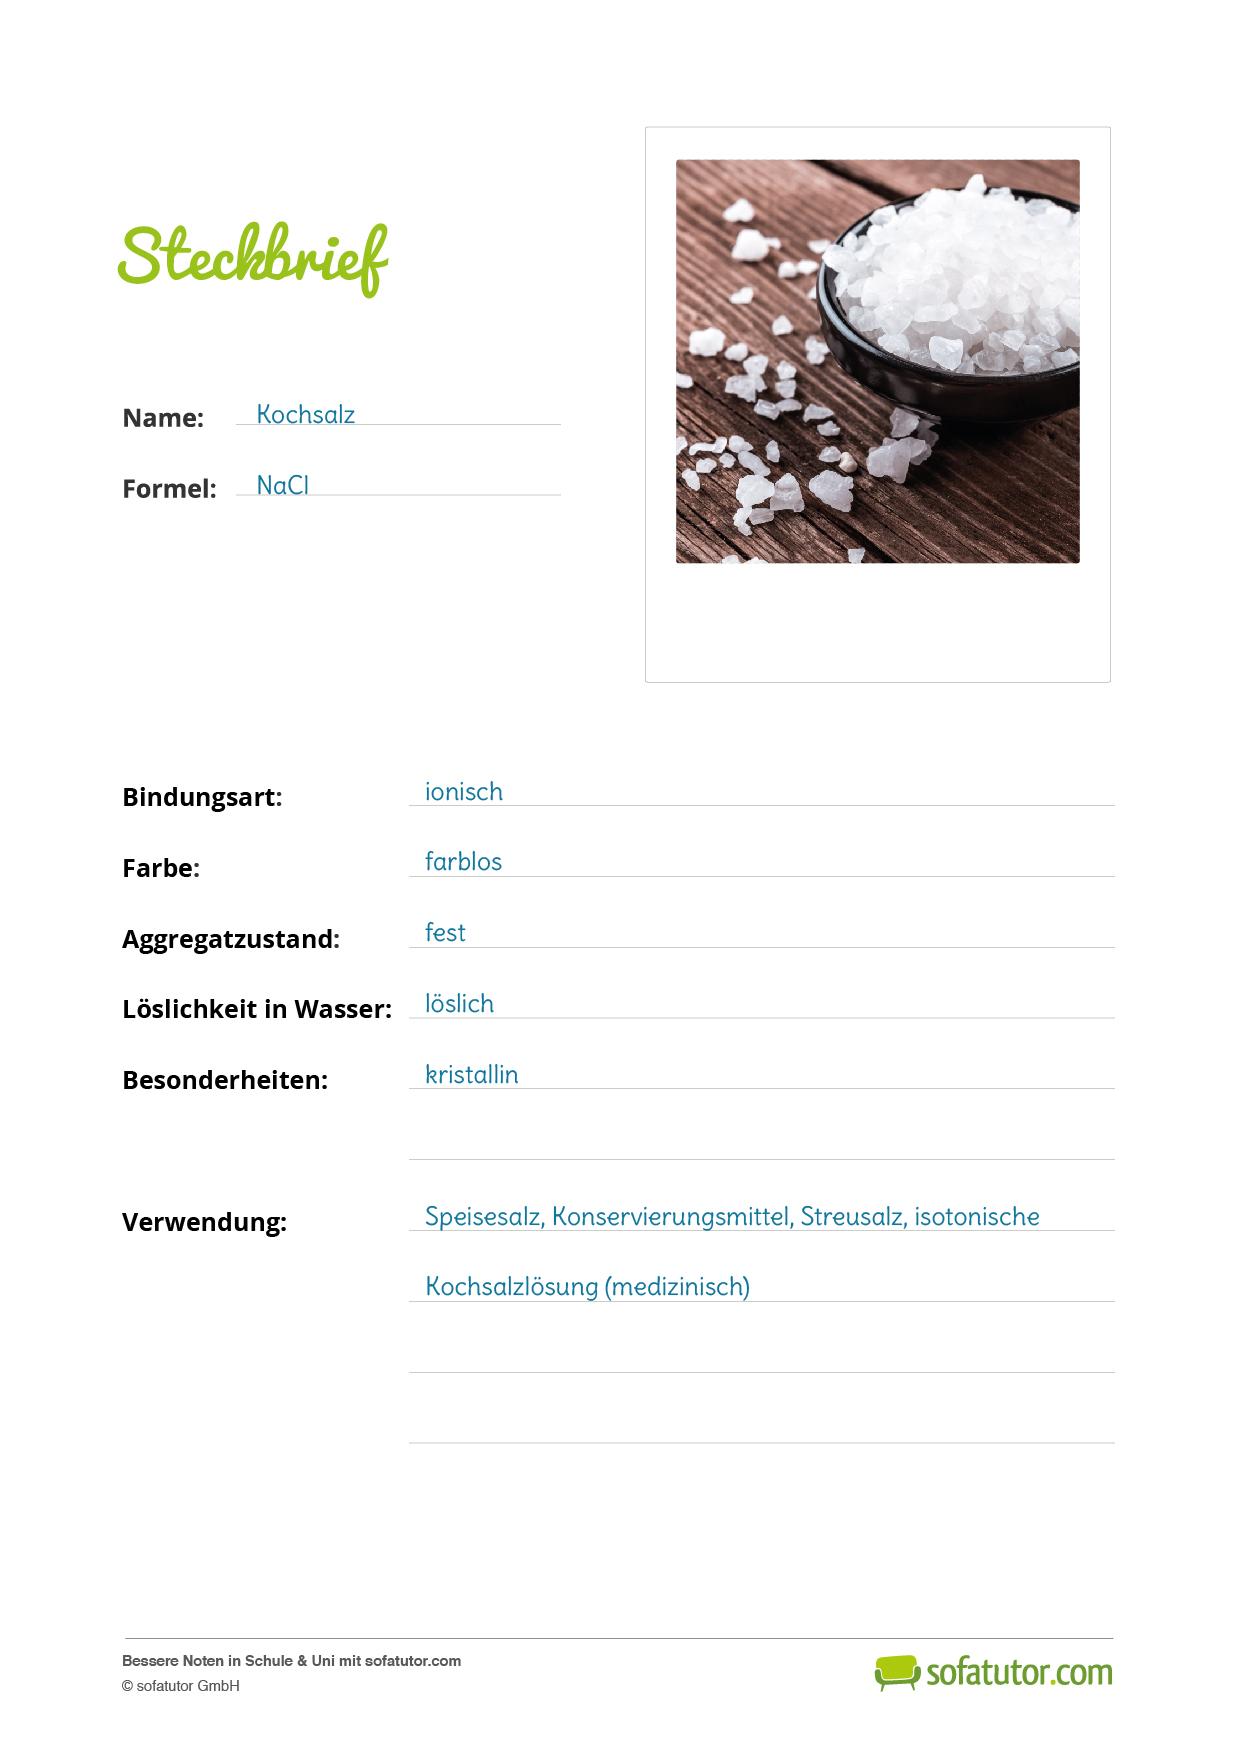 Arbeitsblatt Erstellen Word Vorlage : Kostenloses lehrmaterial steckbriefe erstellen im unterricht